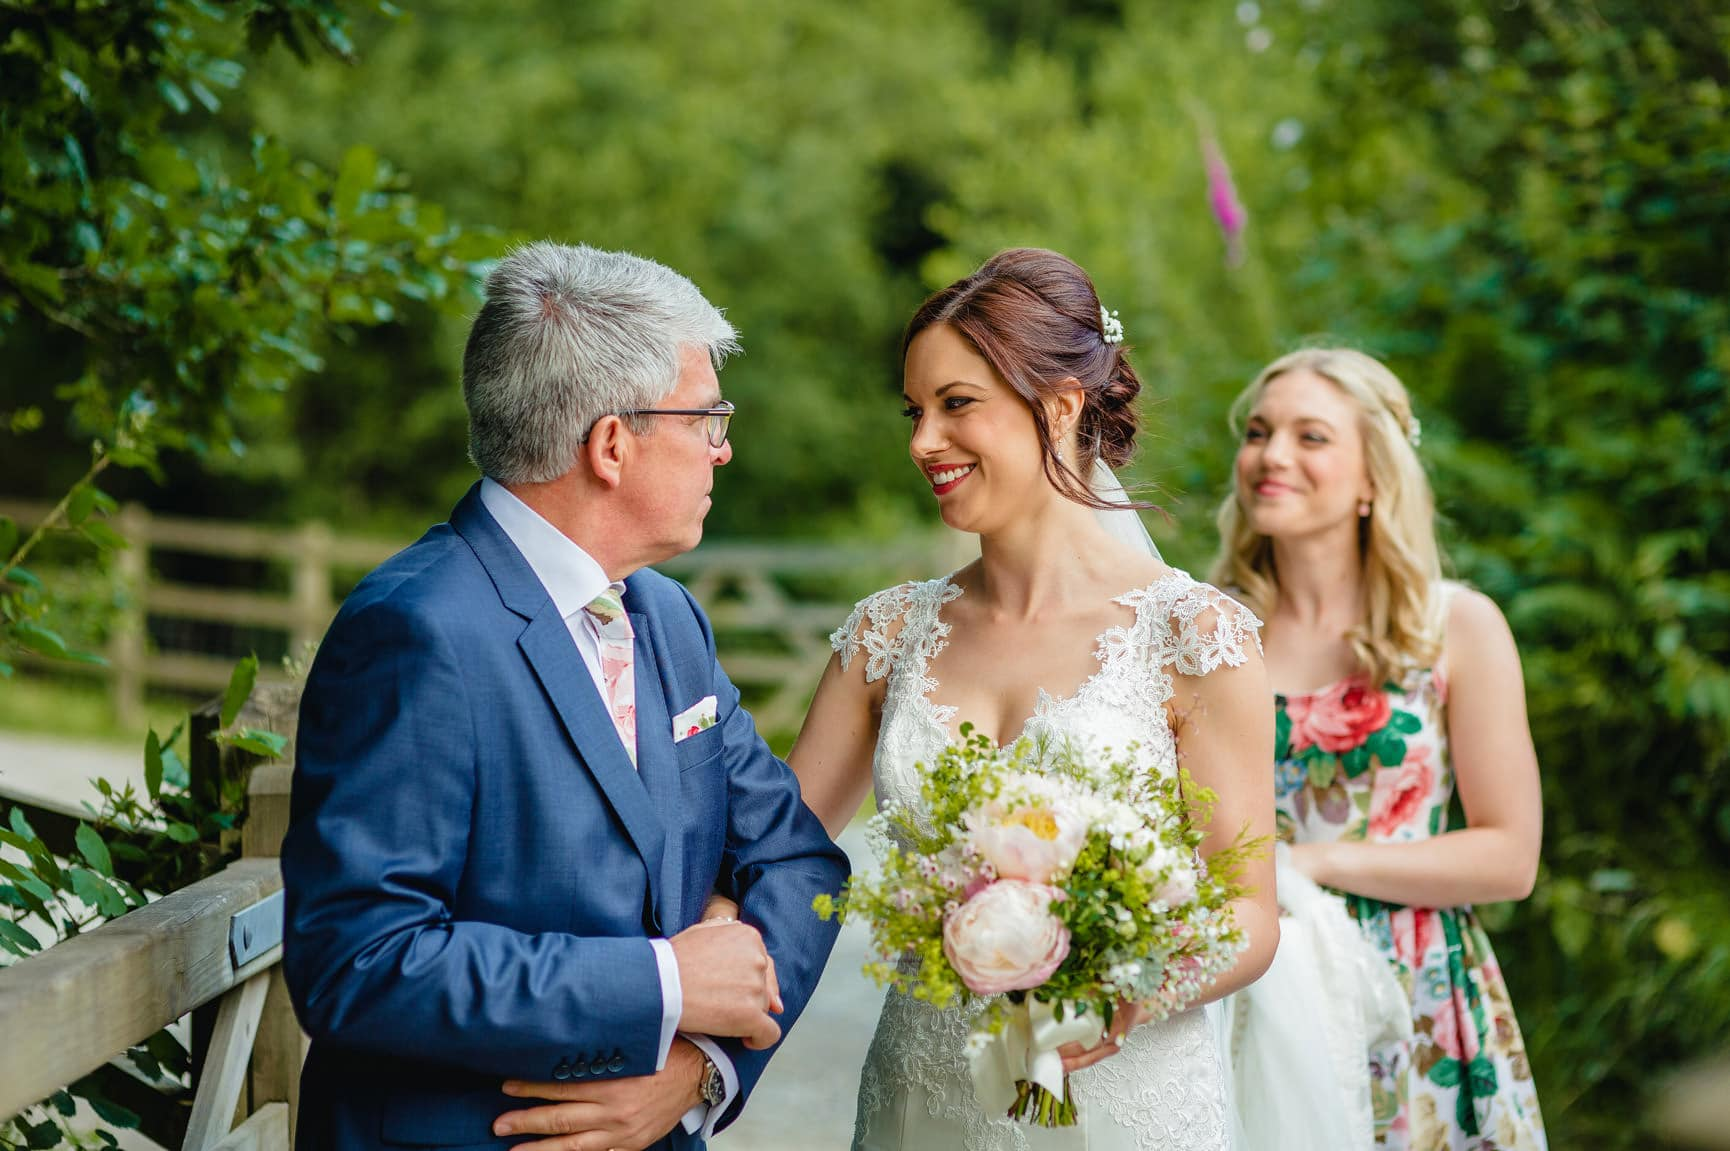 Fforest Wedding, Cardigan, Wales - Lauren and Gareth 54